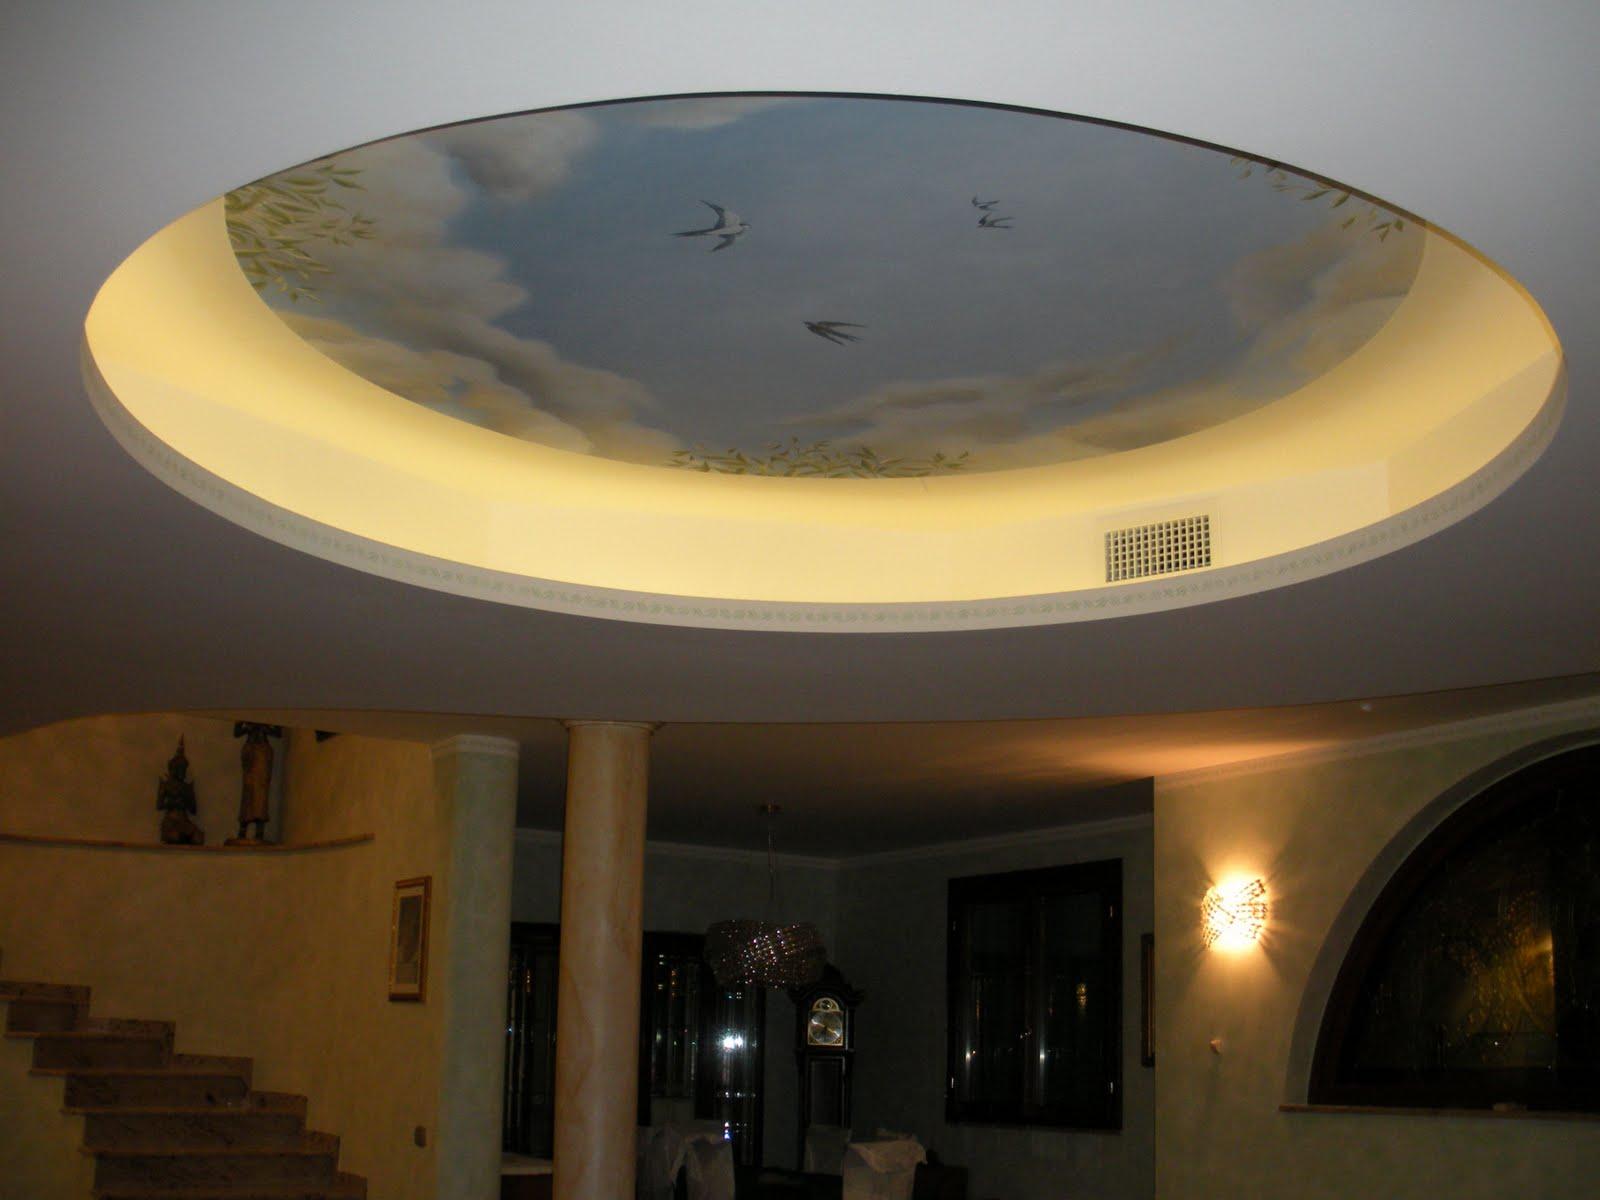 Soffitto Bagno : Soffitto Bagno: Artemusa decorazioni: decorazione ...